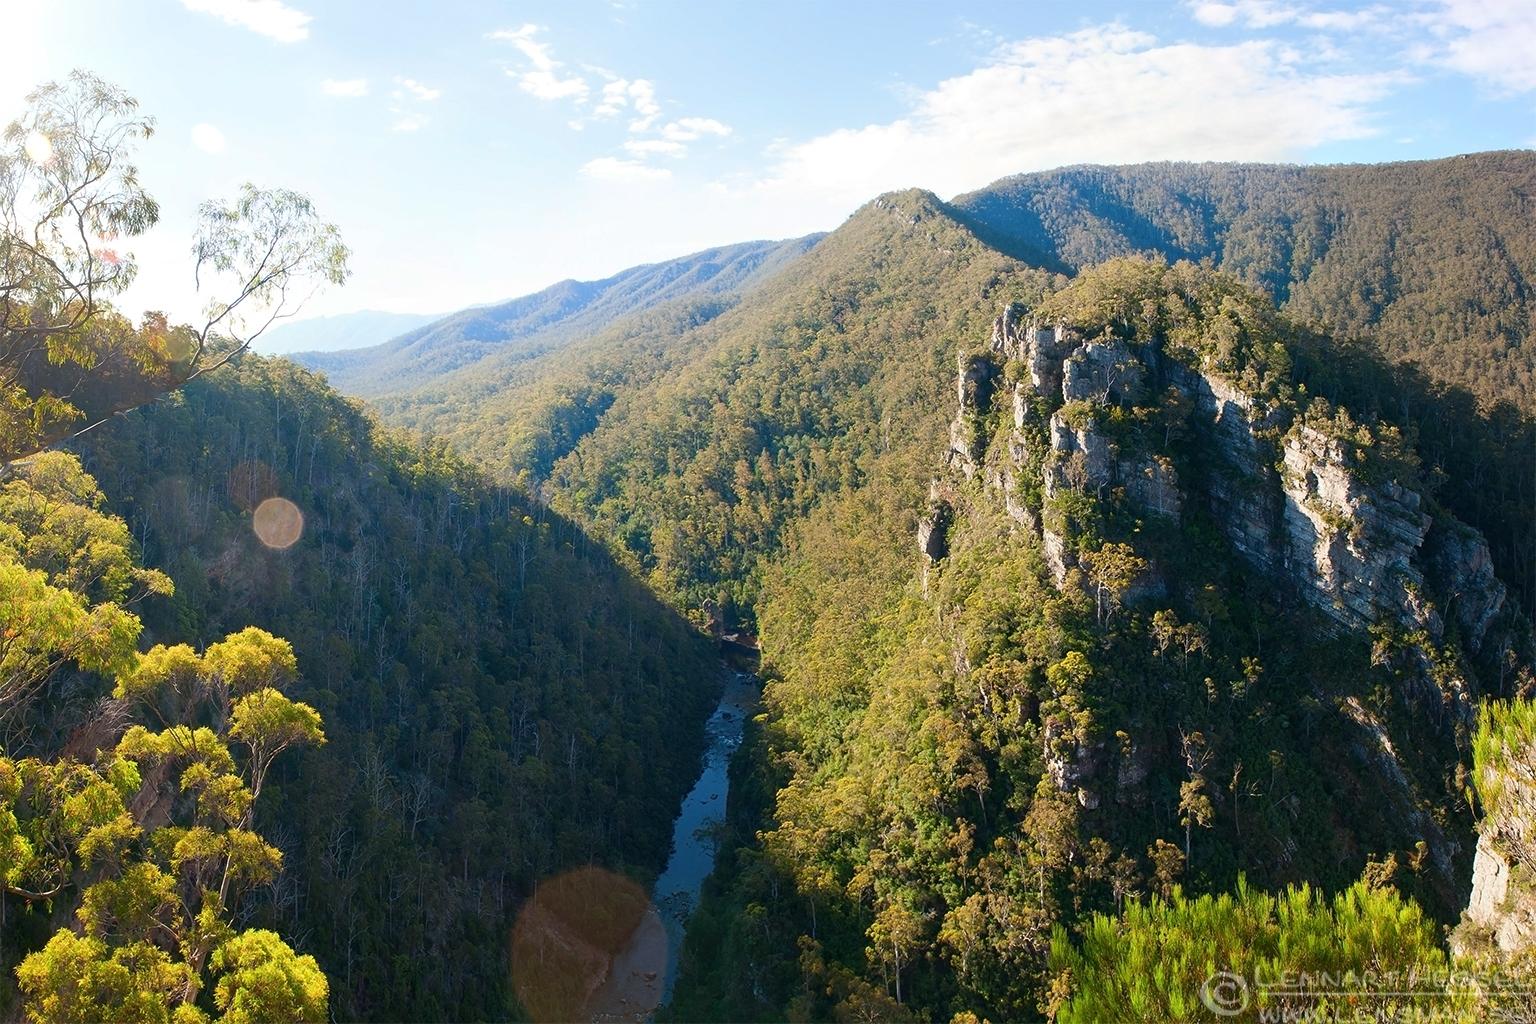 Alum cliffs falls